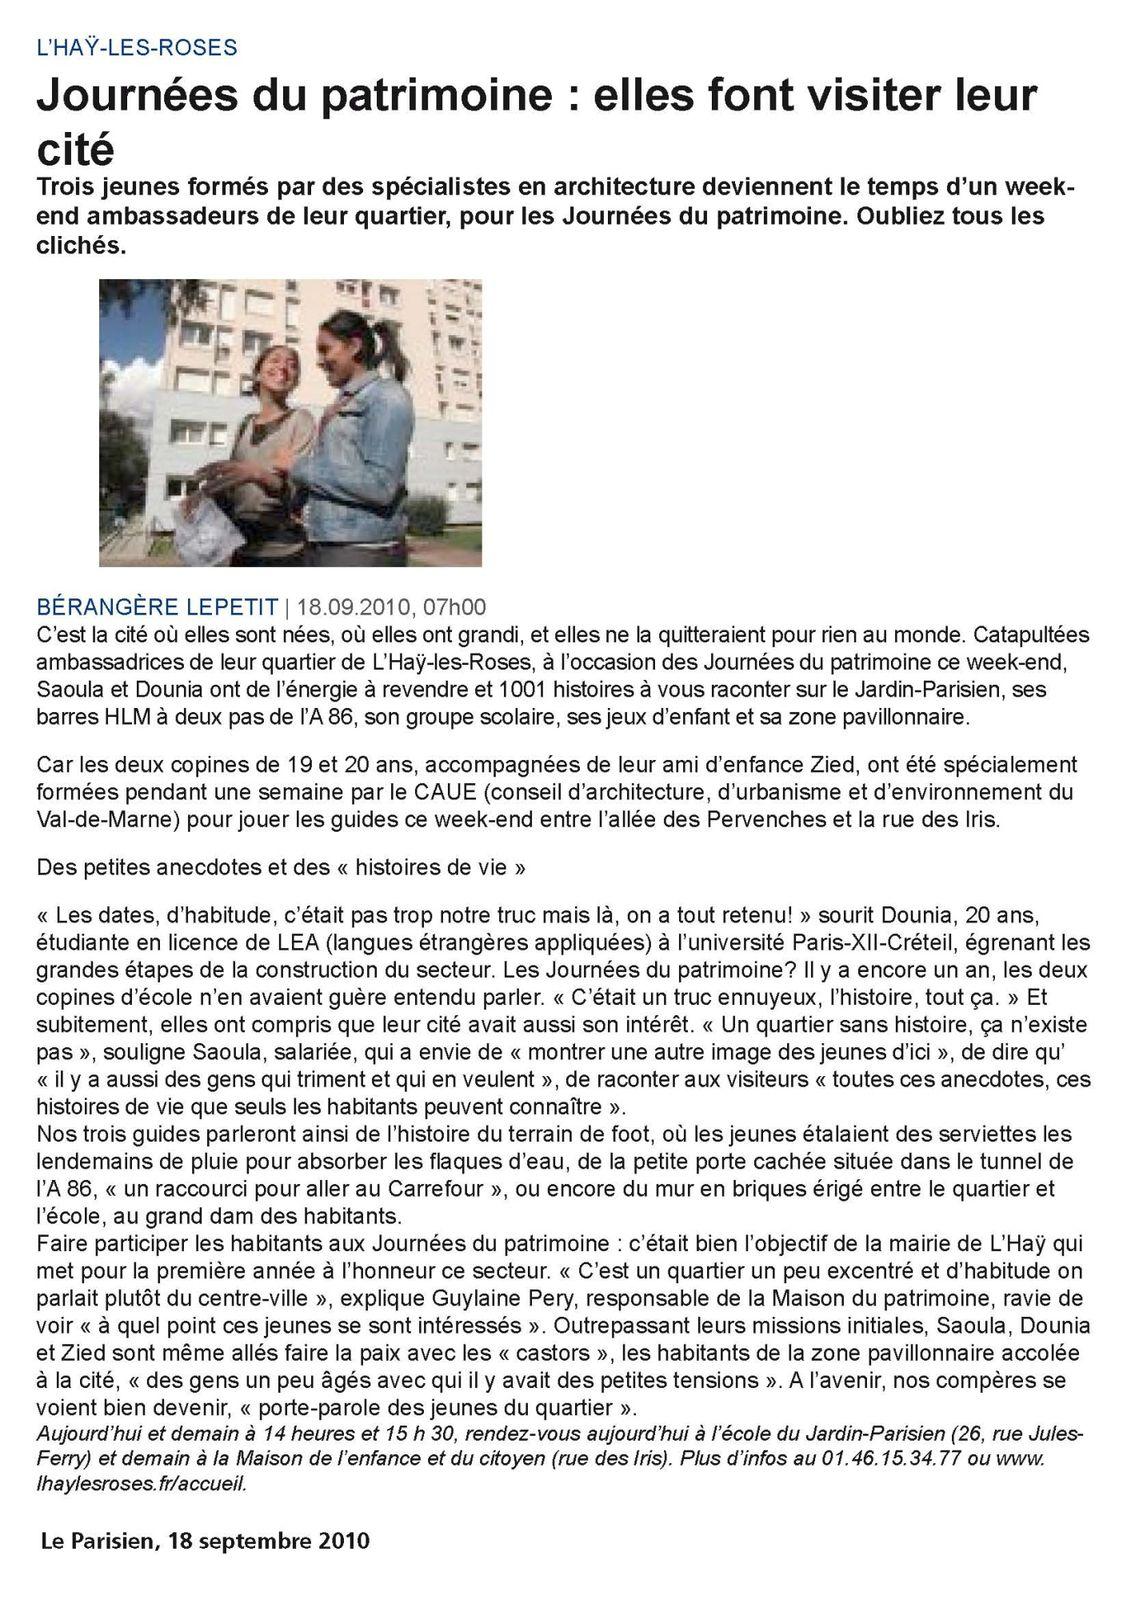 Journées du Patrimoine 2010...nous, on était là ! (Le Parisien, 18 septembre 2010)